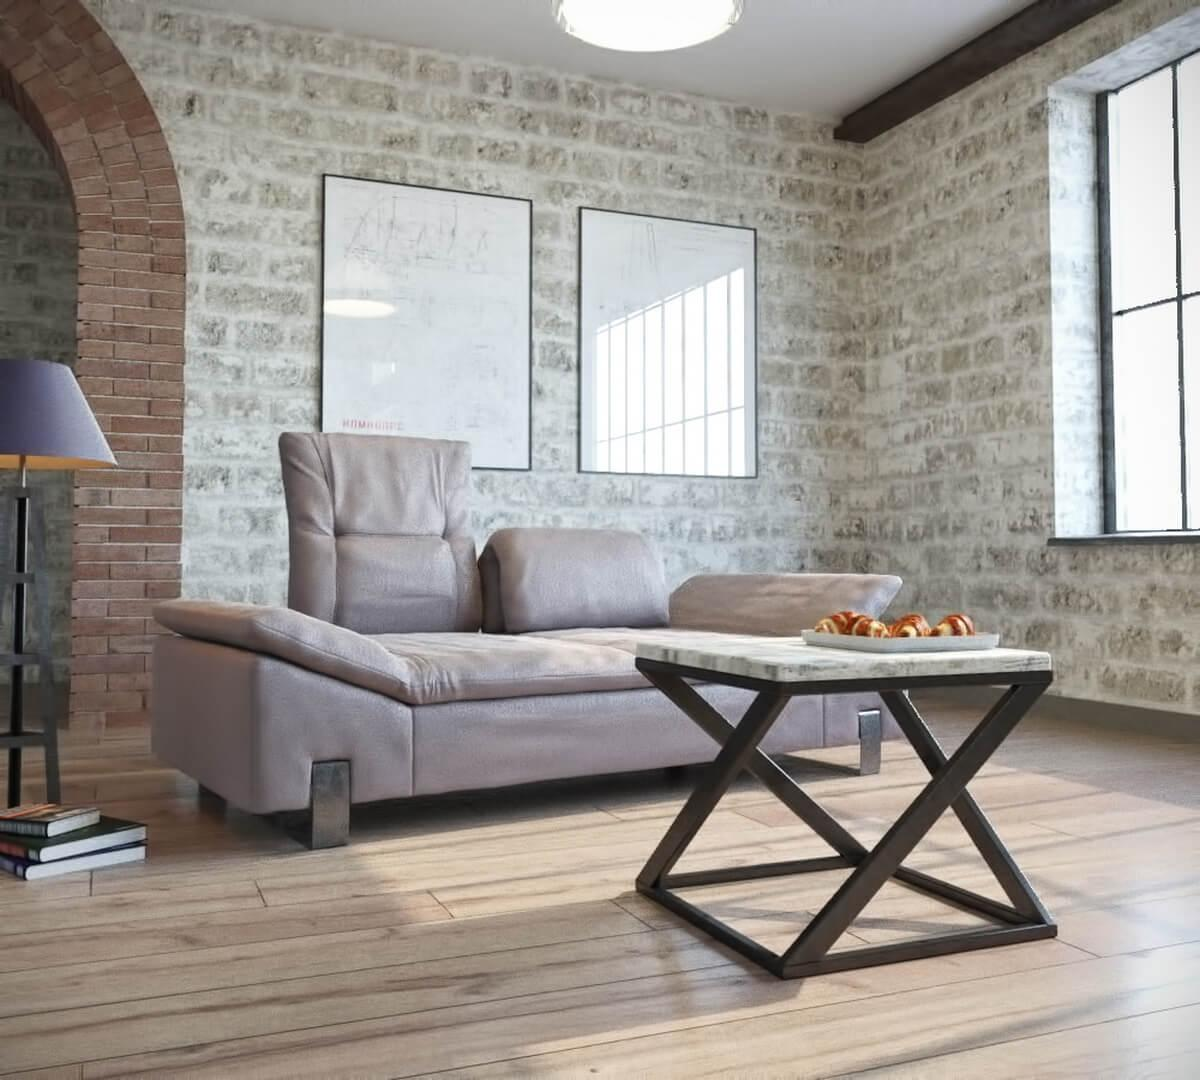 Стол журнальный, кофейный металлическое основание современного дизайна в стиле loft  Бент Металл-Дизайн